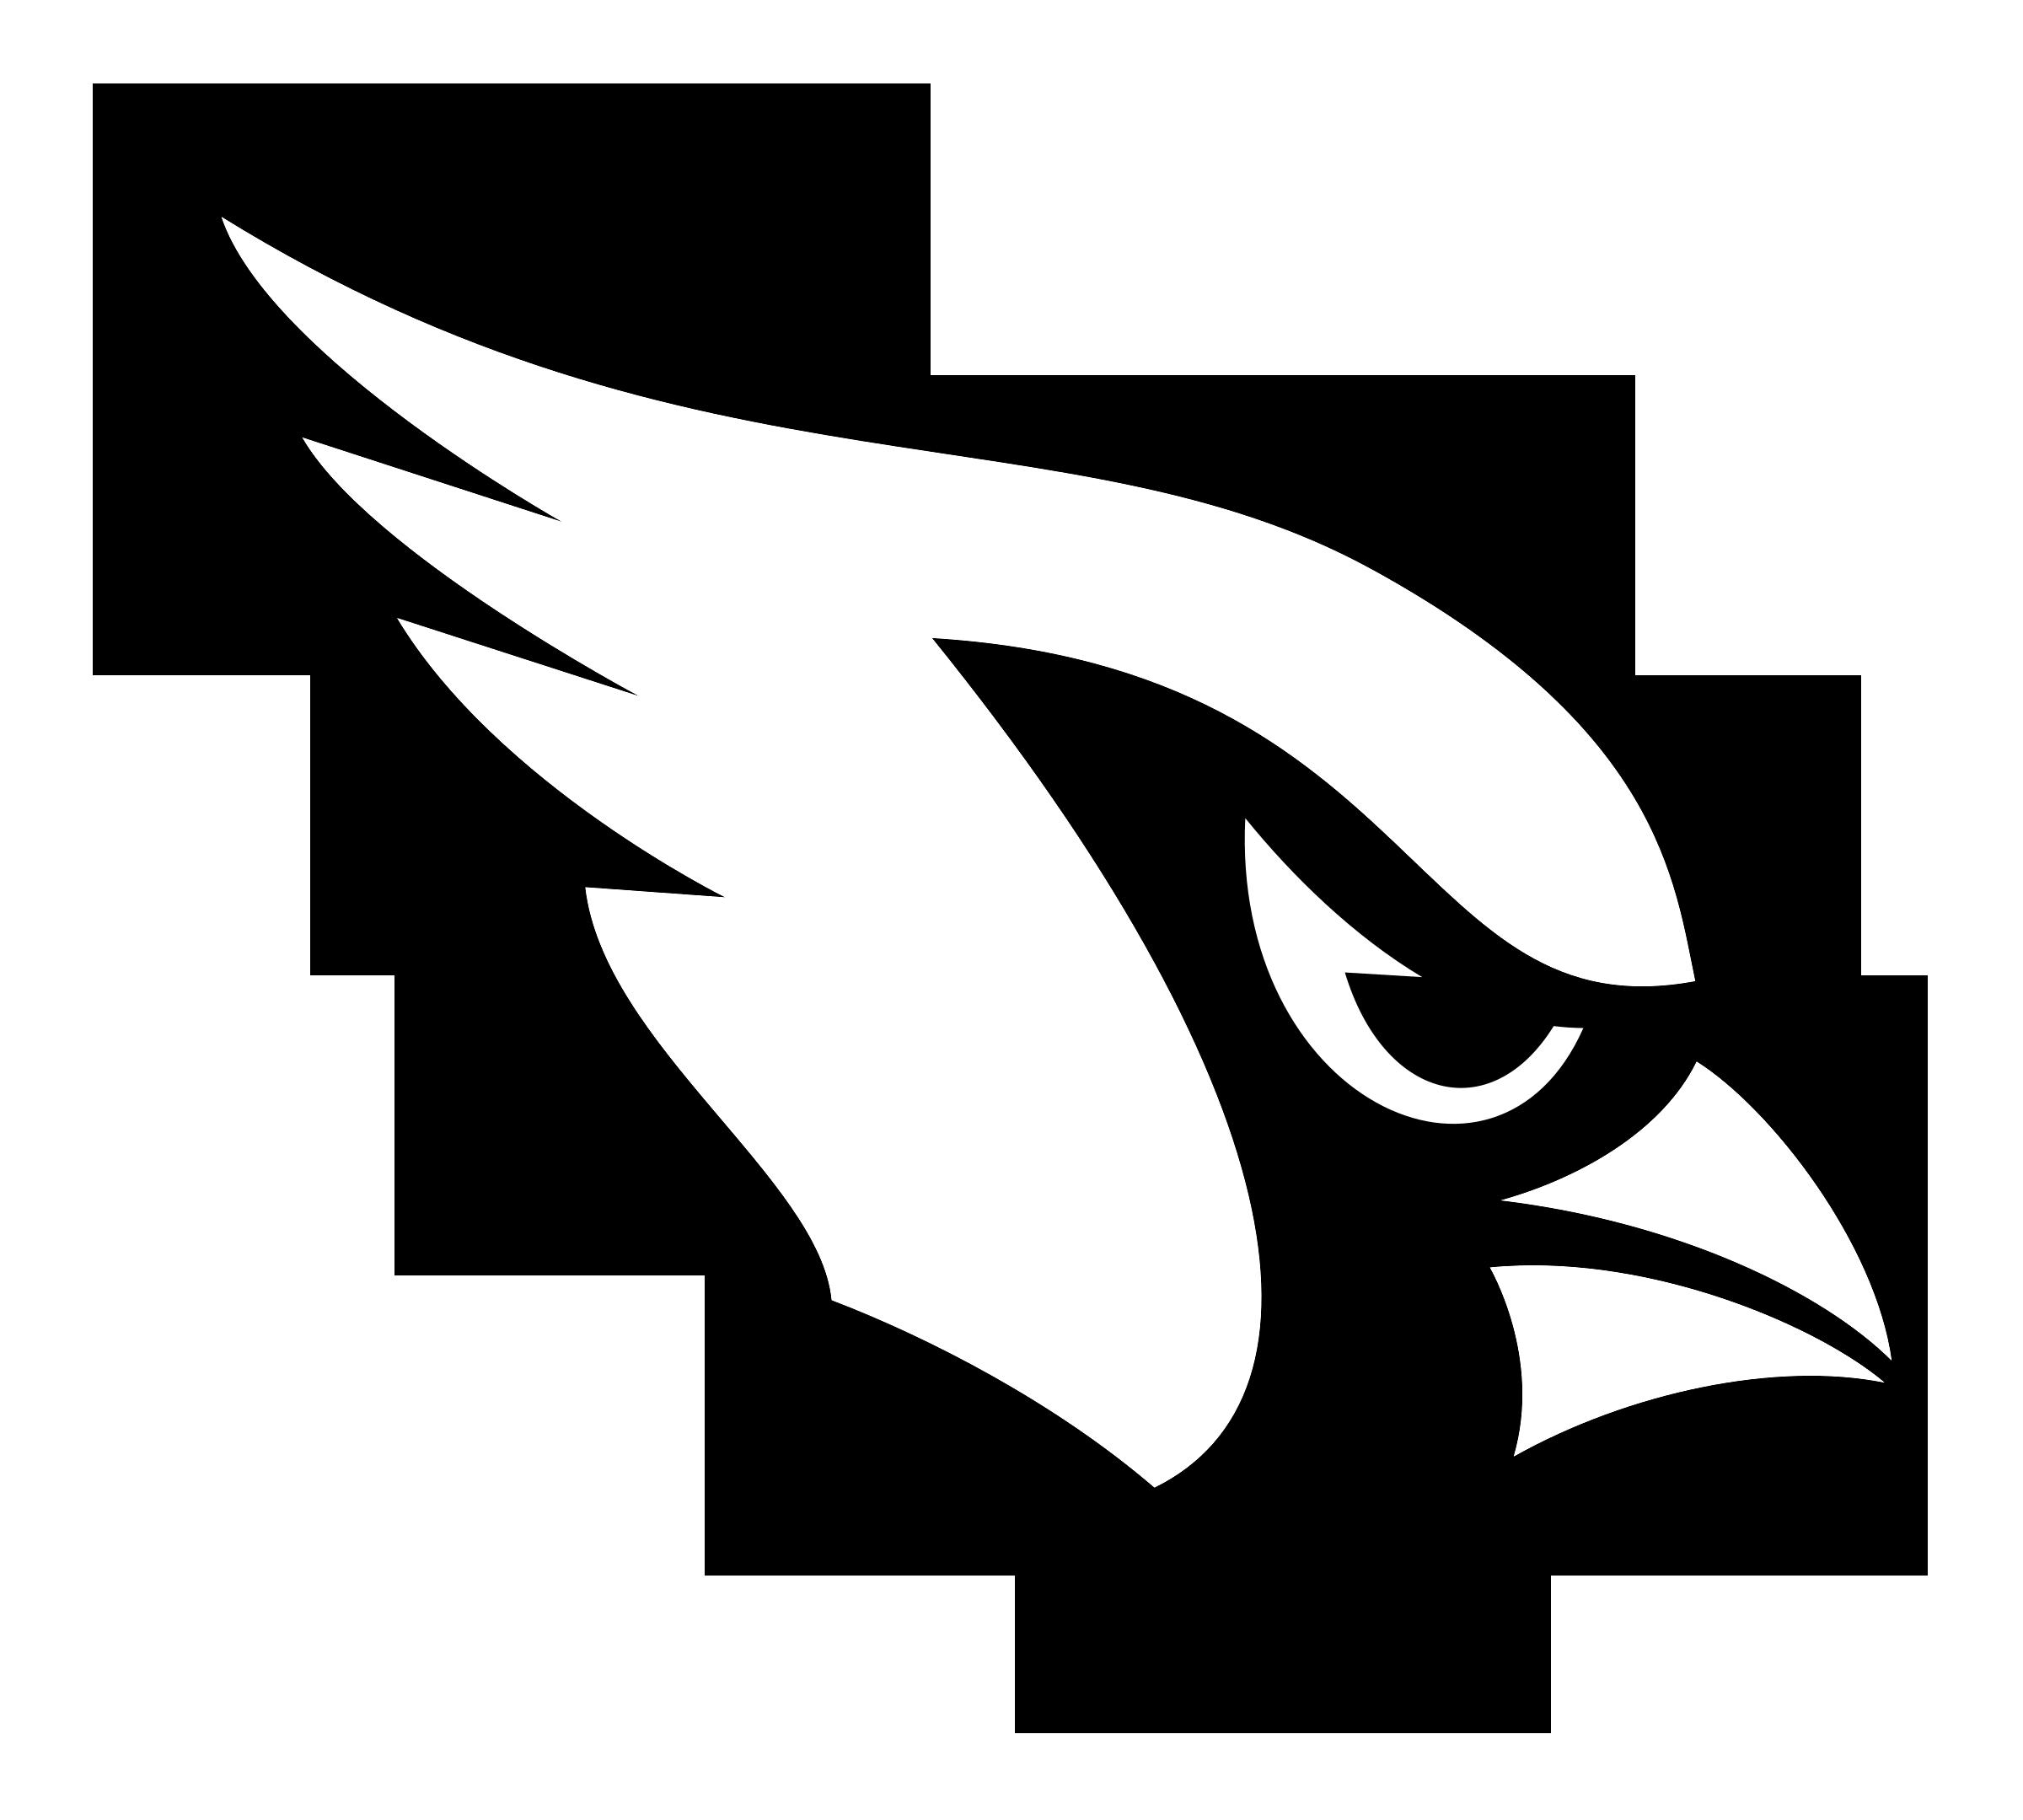 Arizona Cardinals Logo Png Transparent Svg Vector Freebie Supply In 2021 Arizona Cardinals Logo Arizona Cardinals Cardinals